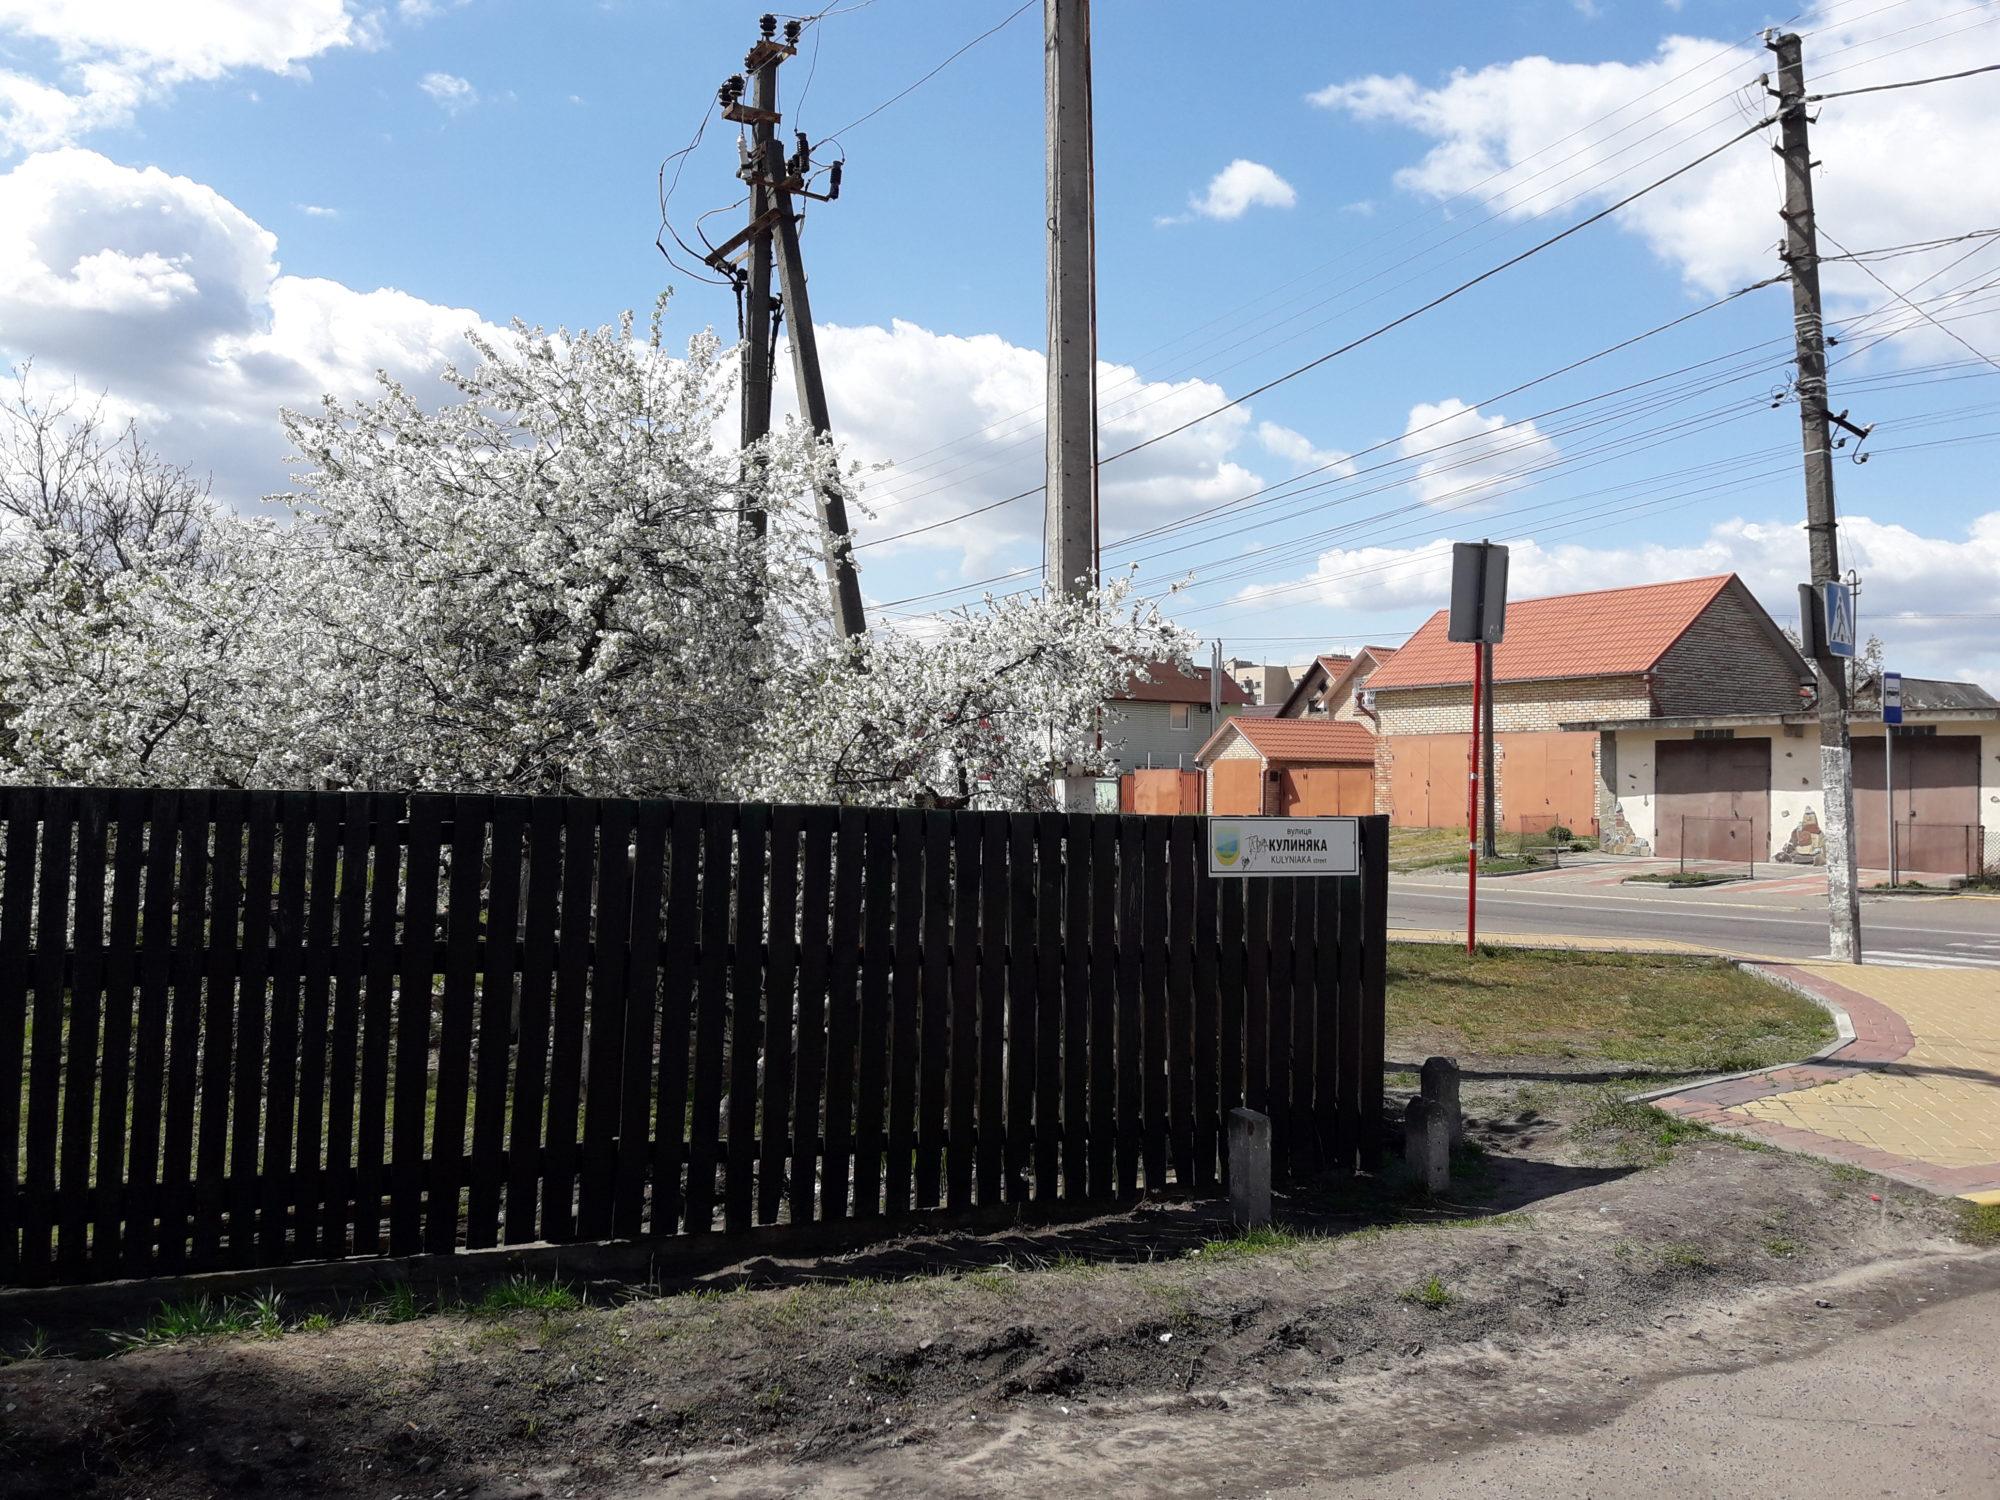 Ірпінь квітне: у місті настає пік цвітіння дерев та кущів (ФОТО) -  - 20200427 121728 2000x1500